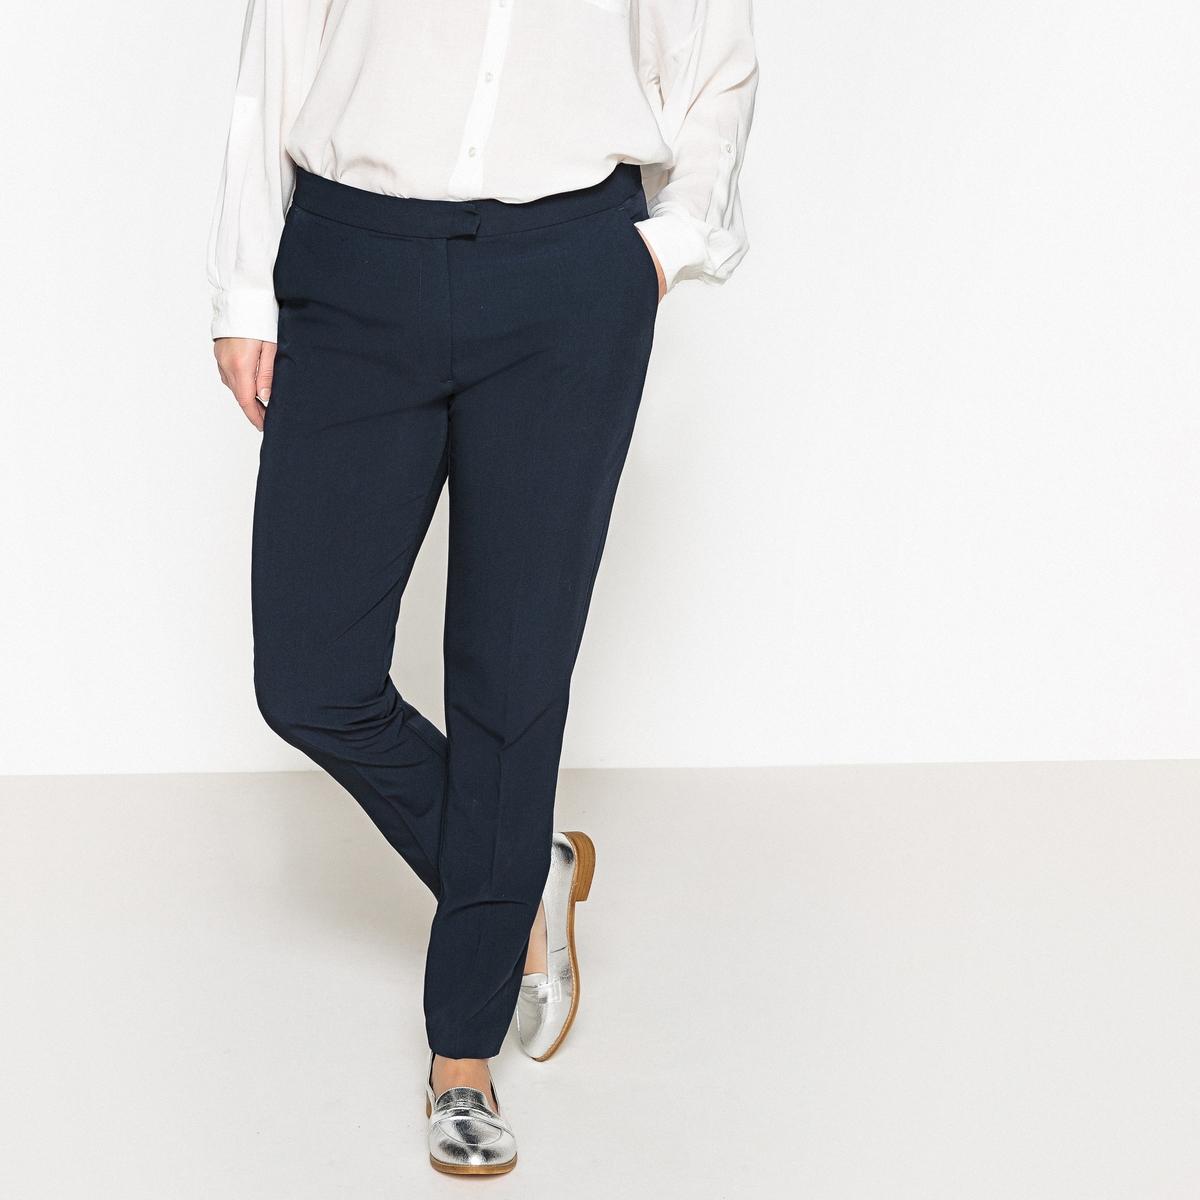 Брюки узкие, дудочкиОписание:Замечательные узкие брюки-дудочки. Неподвластные времени узкие брюки-дудочки - базовый предмет женского гардероба. Детали •  Узкие, дудочки •  Стандартная высота поясаСостав и уход •  74% полиэстера, 20% вискозы, 6% эластана •  Температура стирки 30° на деликатном режиме •  Сухая чистка и отбеливание запрещены •  Не использовать барабанную сушку •  Низкая температура глажкиТовар из коллекции больших размеров •  Длина по внутр.шву 78 см, ширина по низу 19 см<br><br>Цвет: синий морской<br>Размер: 58 (FR) - 64 (RUS).46 (FR) - 52 (RUS)